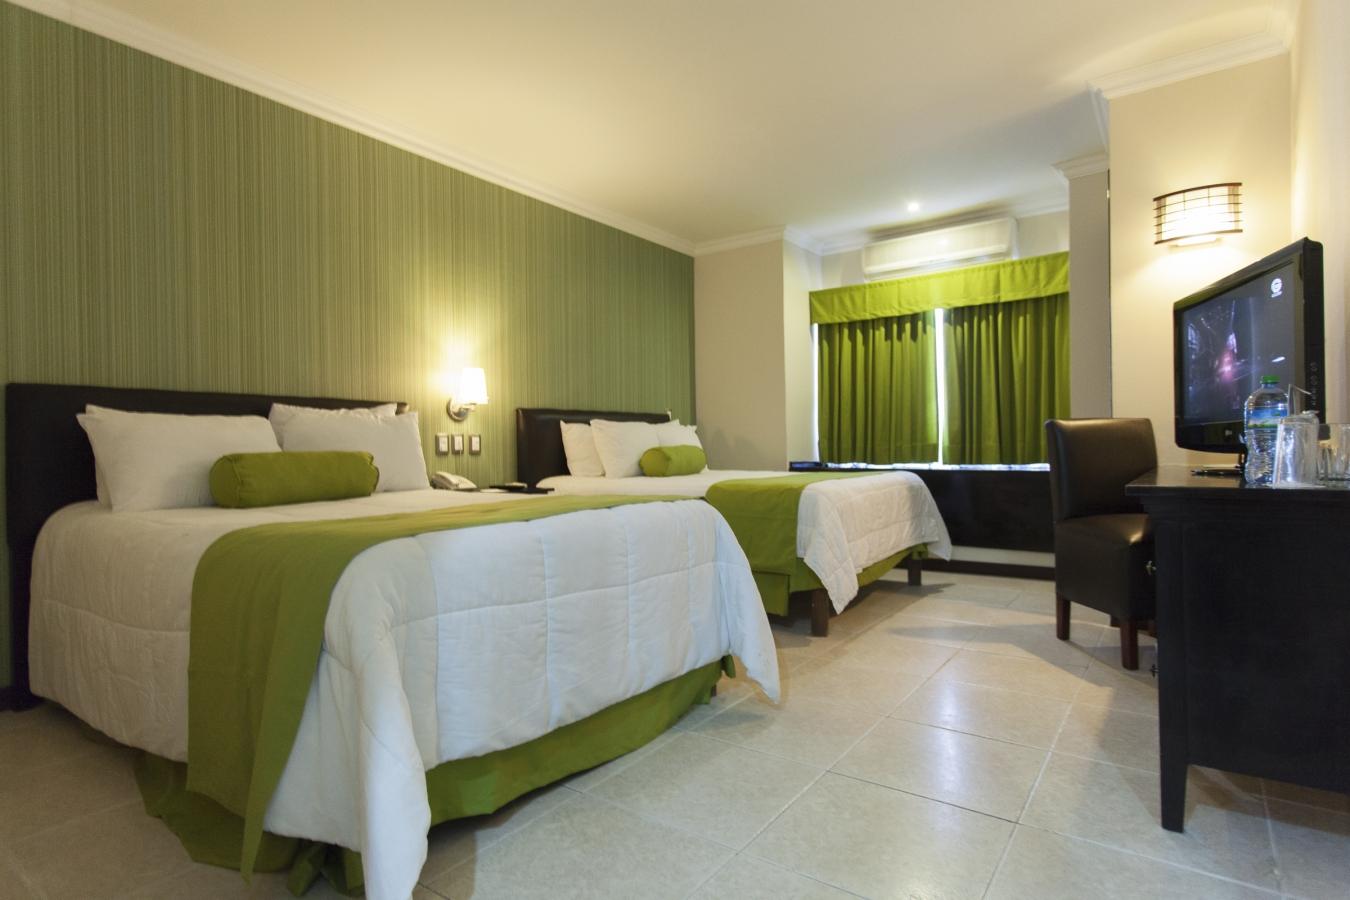 Habitaciones hotel ocean view campeche m xico for Detalles en habitaciones de hotel